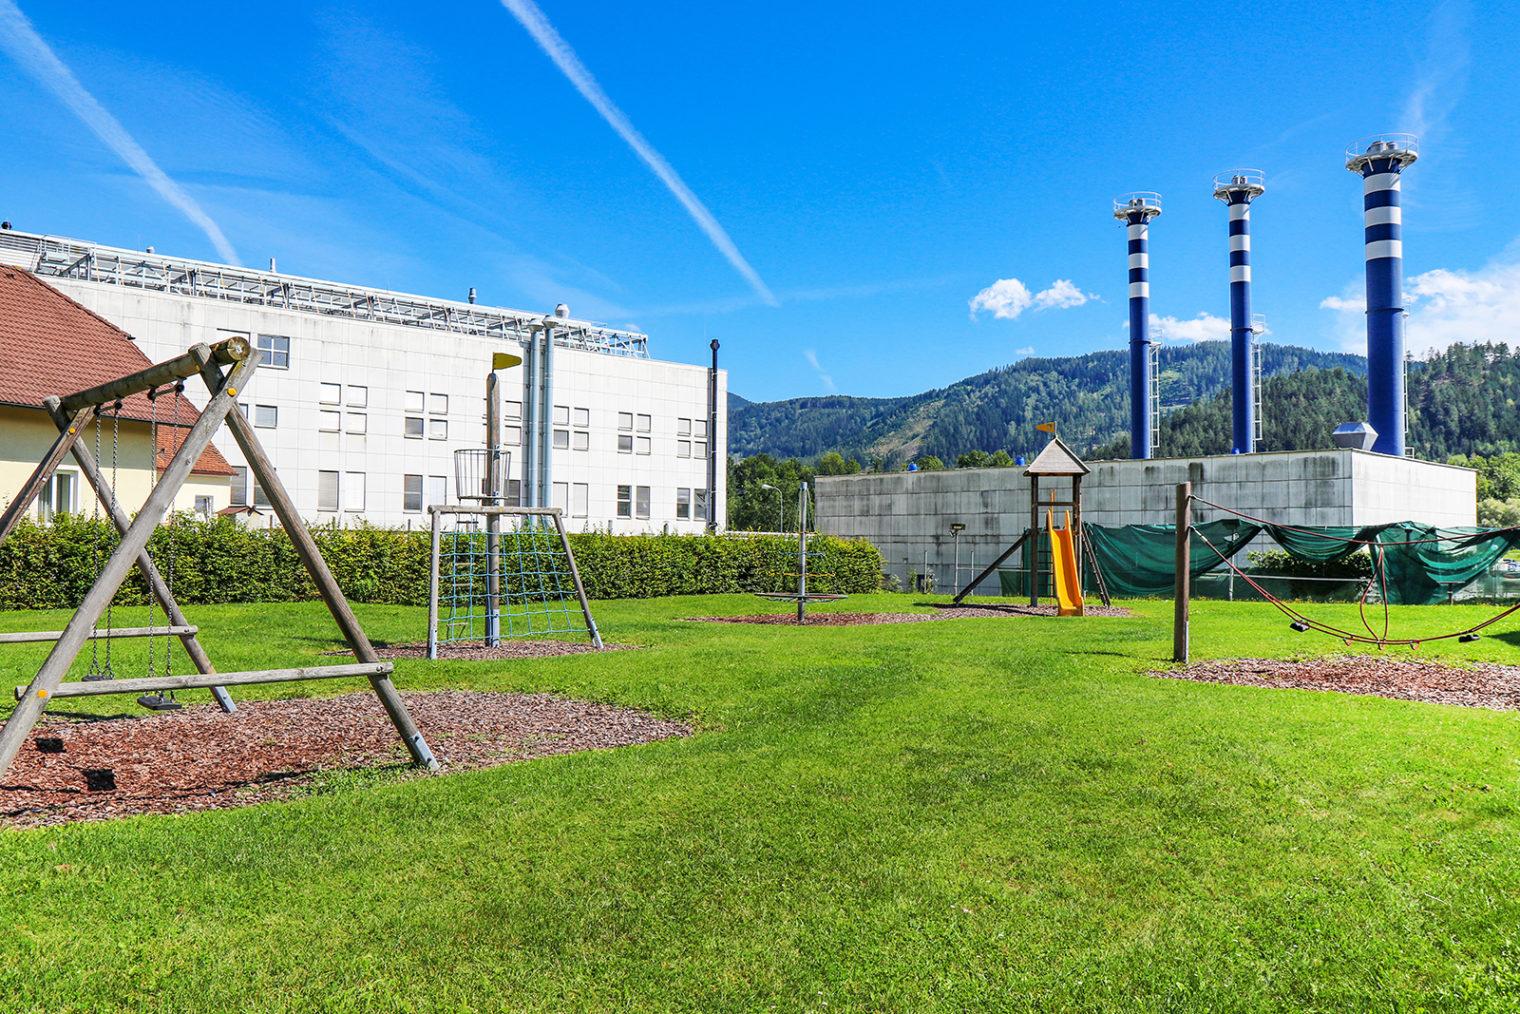 Spielgeräte am Spielplatz SV Hinterberg